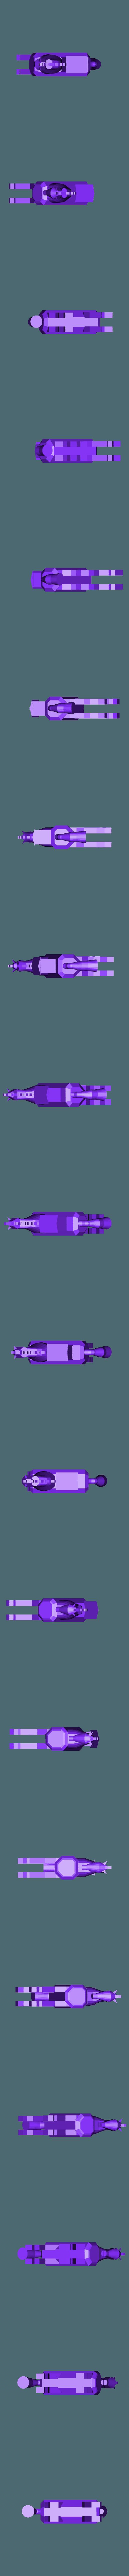 troy.stl Télécharger fichier STL gratuit Cheval de Troie • Objet à imprimer en 3D, MiniFabrikam